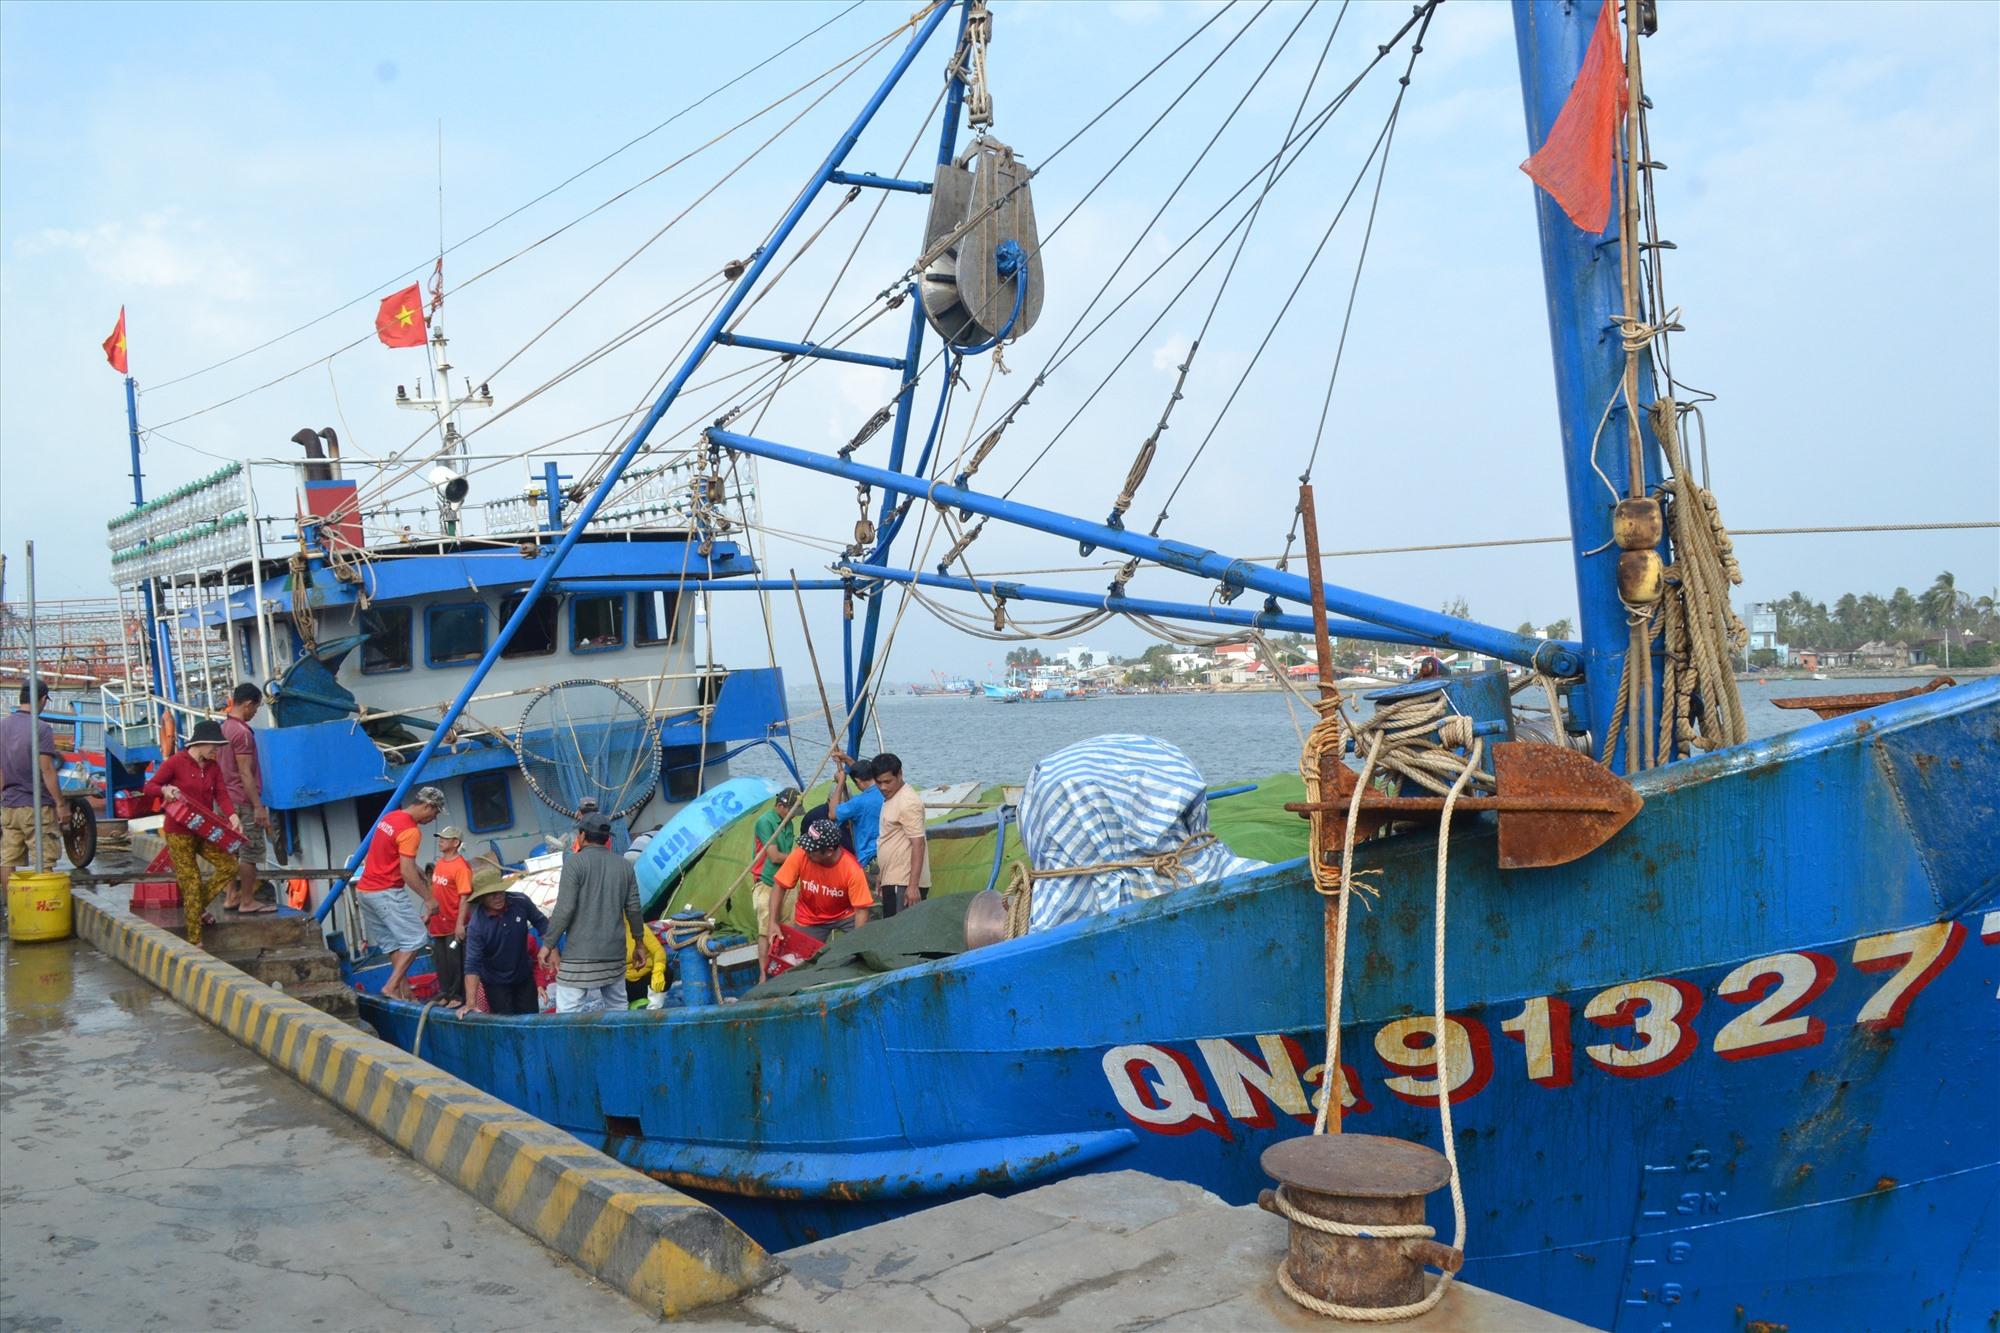 Tàu vỏ thép QNa-91327 cập bờ bán hải sản ngày hôm qua (18.2). Ảnh: VIỆT NGUYỄN